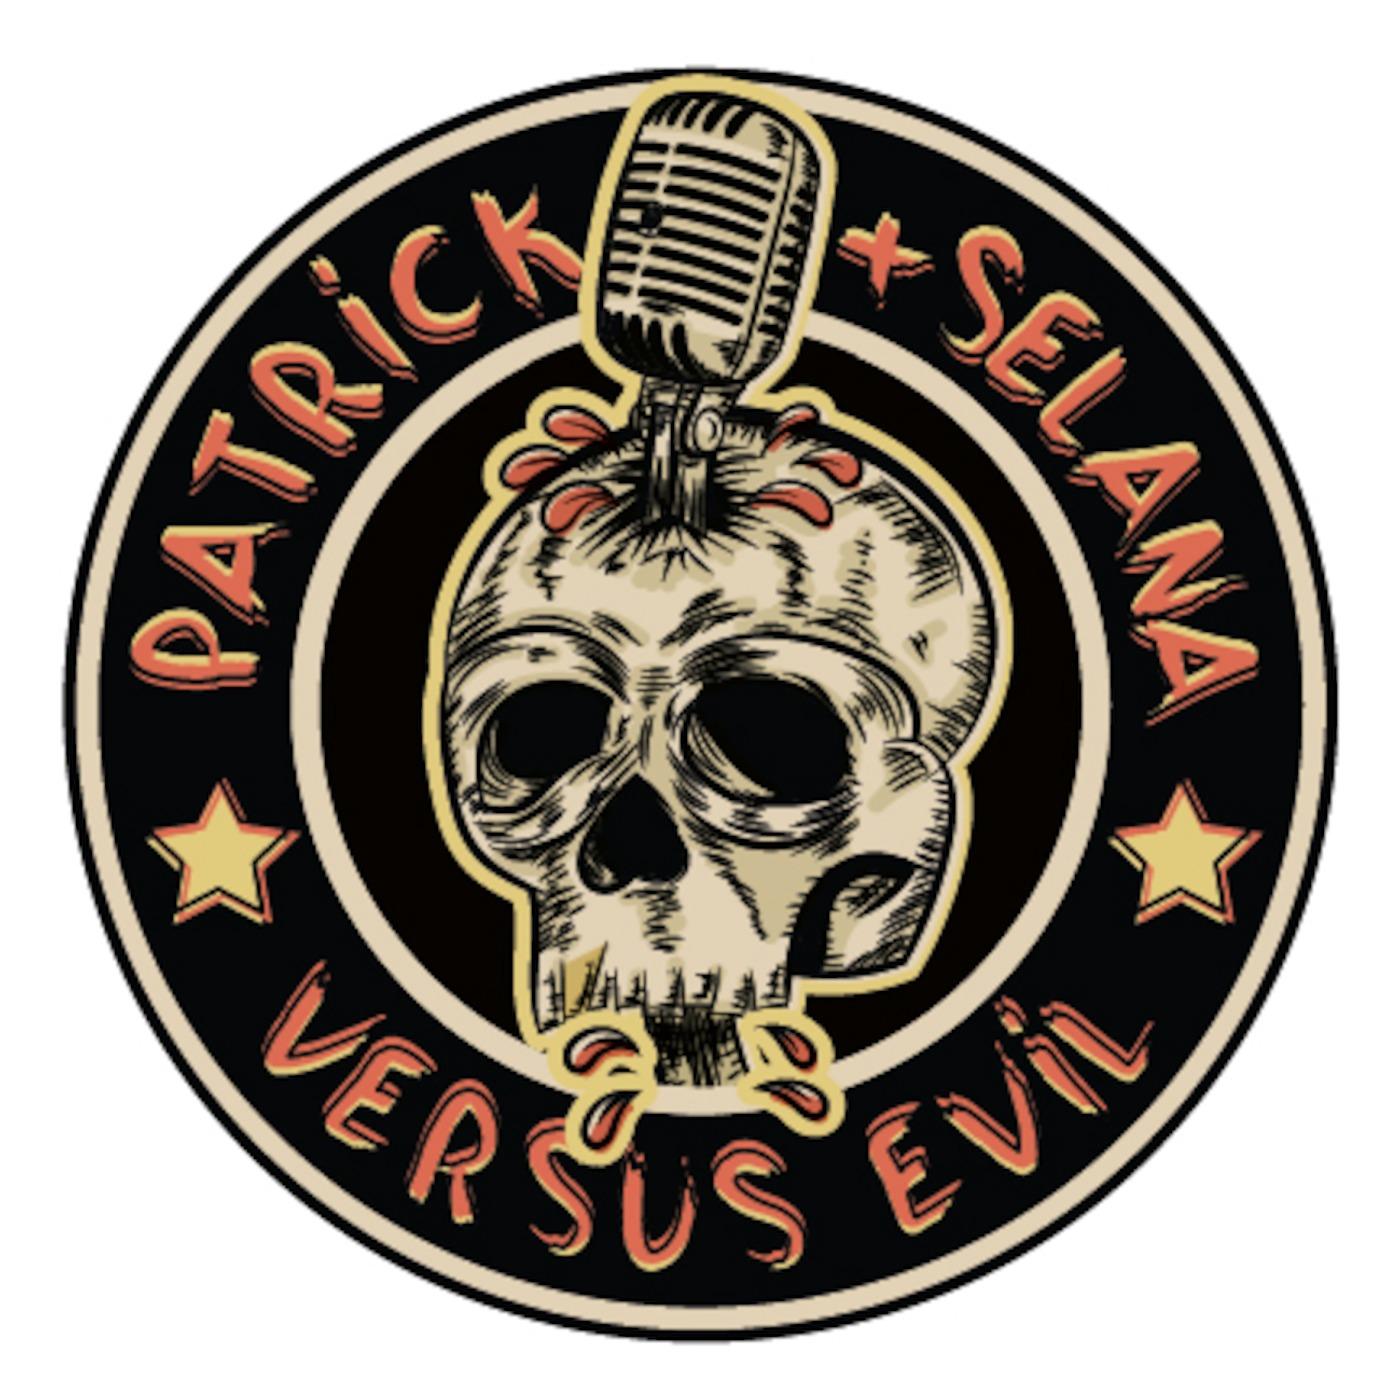 Patrick + Selana Versus Evil